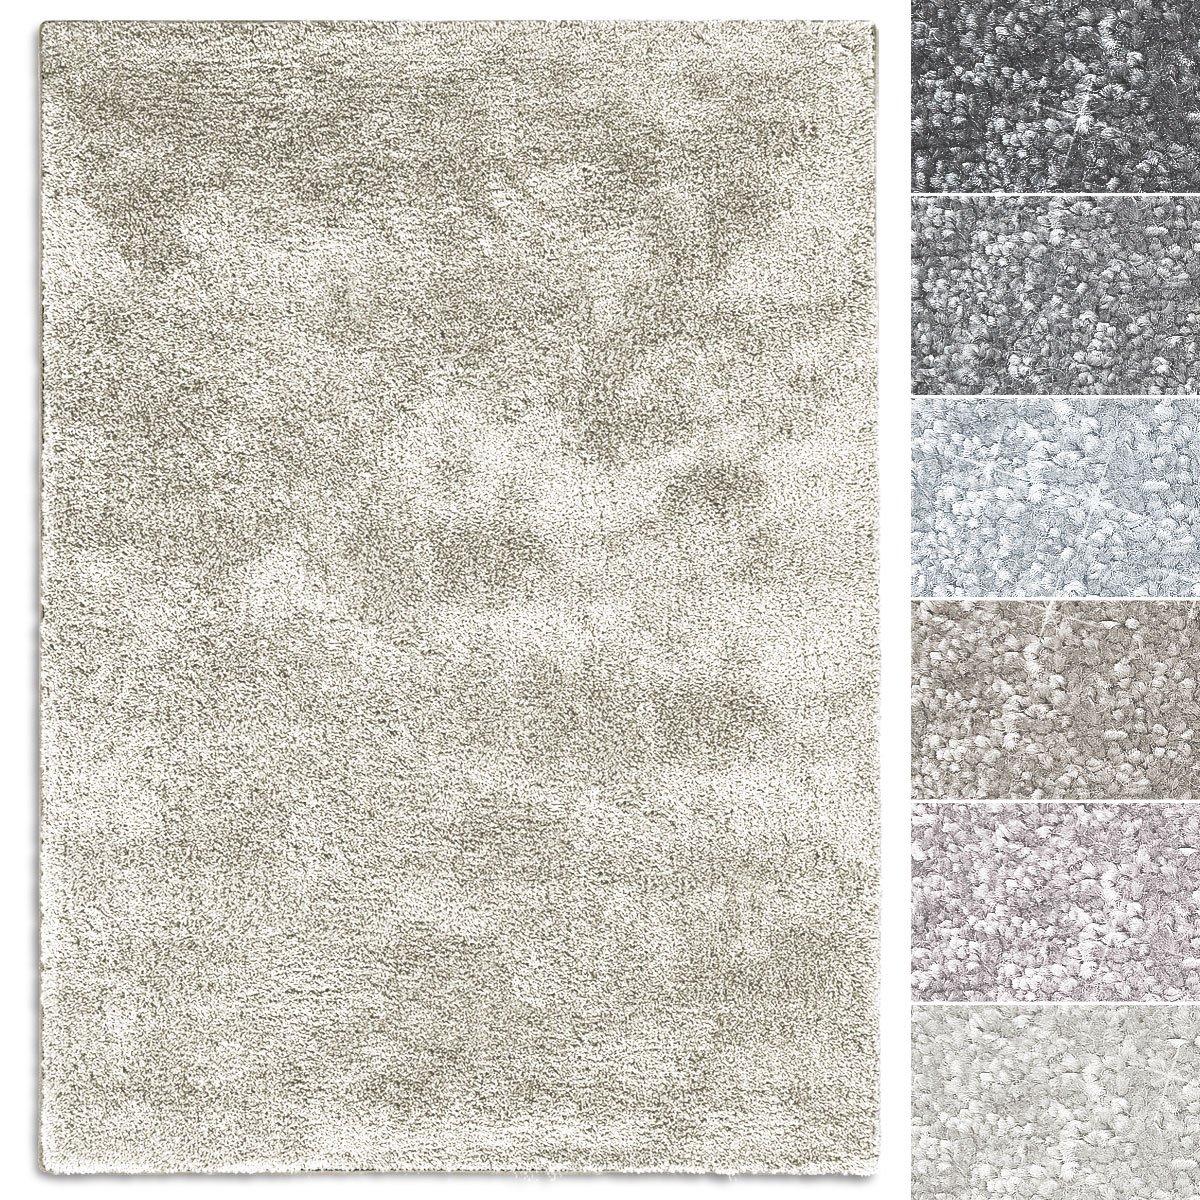 Casa pura Teppich Sundae   viele Größen   pflegeleicht kuschlig weich   Flurteppich, Wohnzimmerteppich, Küchenteppich, Schlafzimmerteppich (Creme - 160x230 cm)